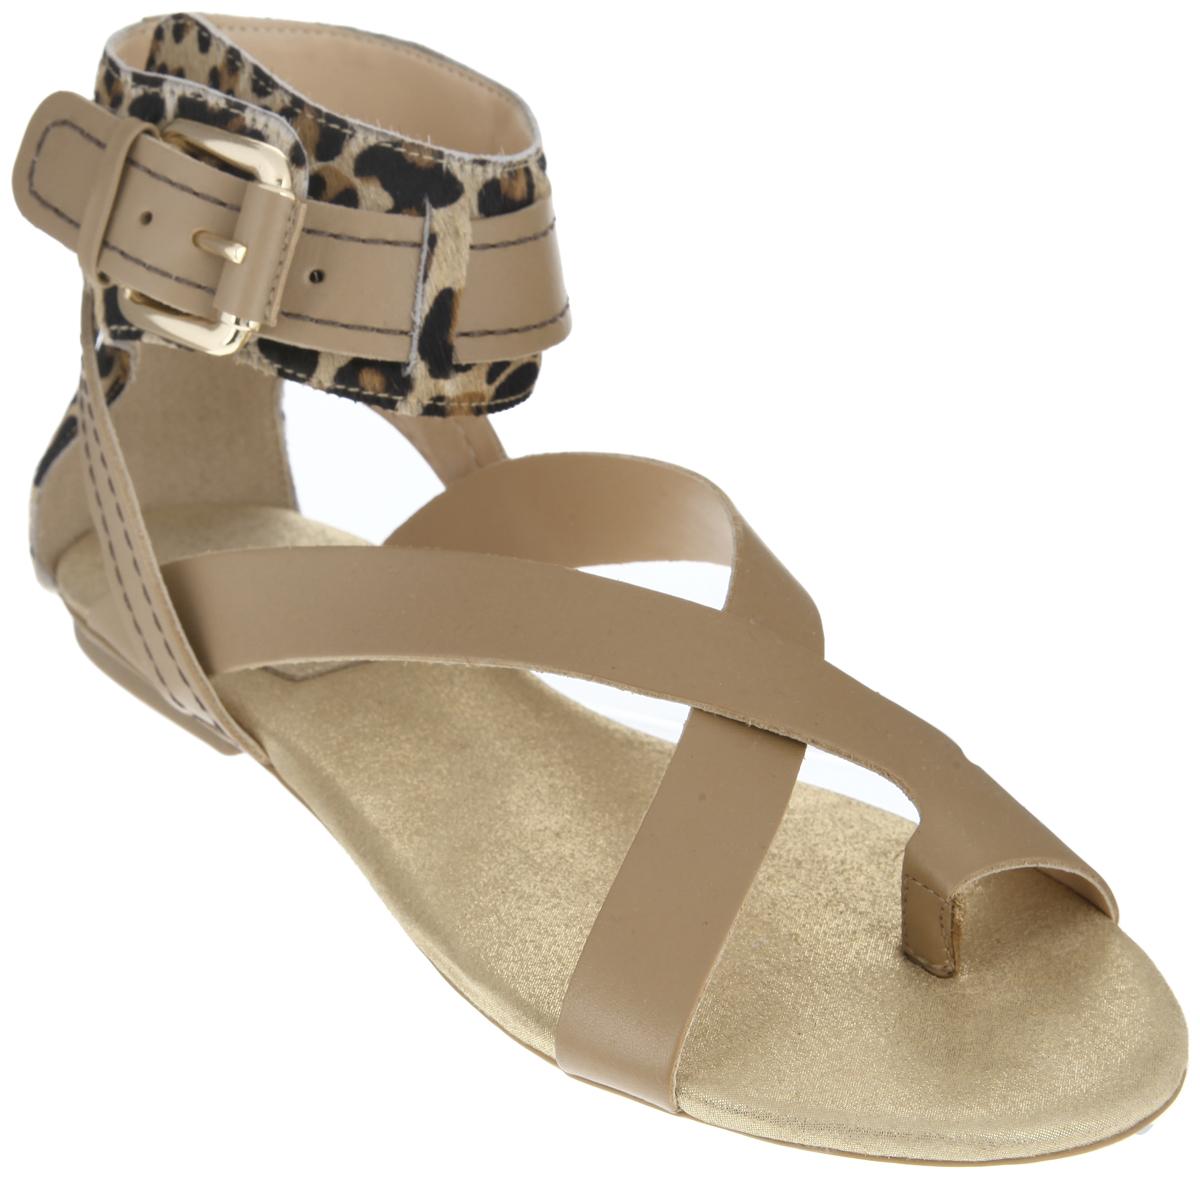 Сандалии женские Cristofoli, цвет: бежевый. 151185. Размер BRA 34 (35)151185Эффектные женские сандалии от Cristofoli не оставят равнодушной настоящую модницу.Модель изготовлена из высококачественной натуральной кожи. Задник и верхняя часть изделия выполнены из ворса, стилизованного под леопарда. Фиксирующие ремешки надежно закрепят модель на ноге. Ремешок с металлической пряжкой, опоясывающий щиколотку, пропущен через шлевки. Мягкая стелька из натуральной кожи комфортна при ходьбе. Низкий каблук и подошва дополнены противоскользящим рифлением.Стильные сандалии помогут вам создать яркий запоминающийся образ.